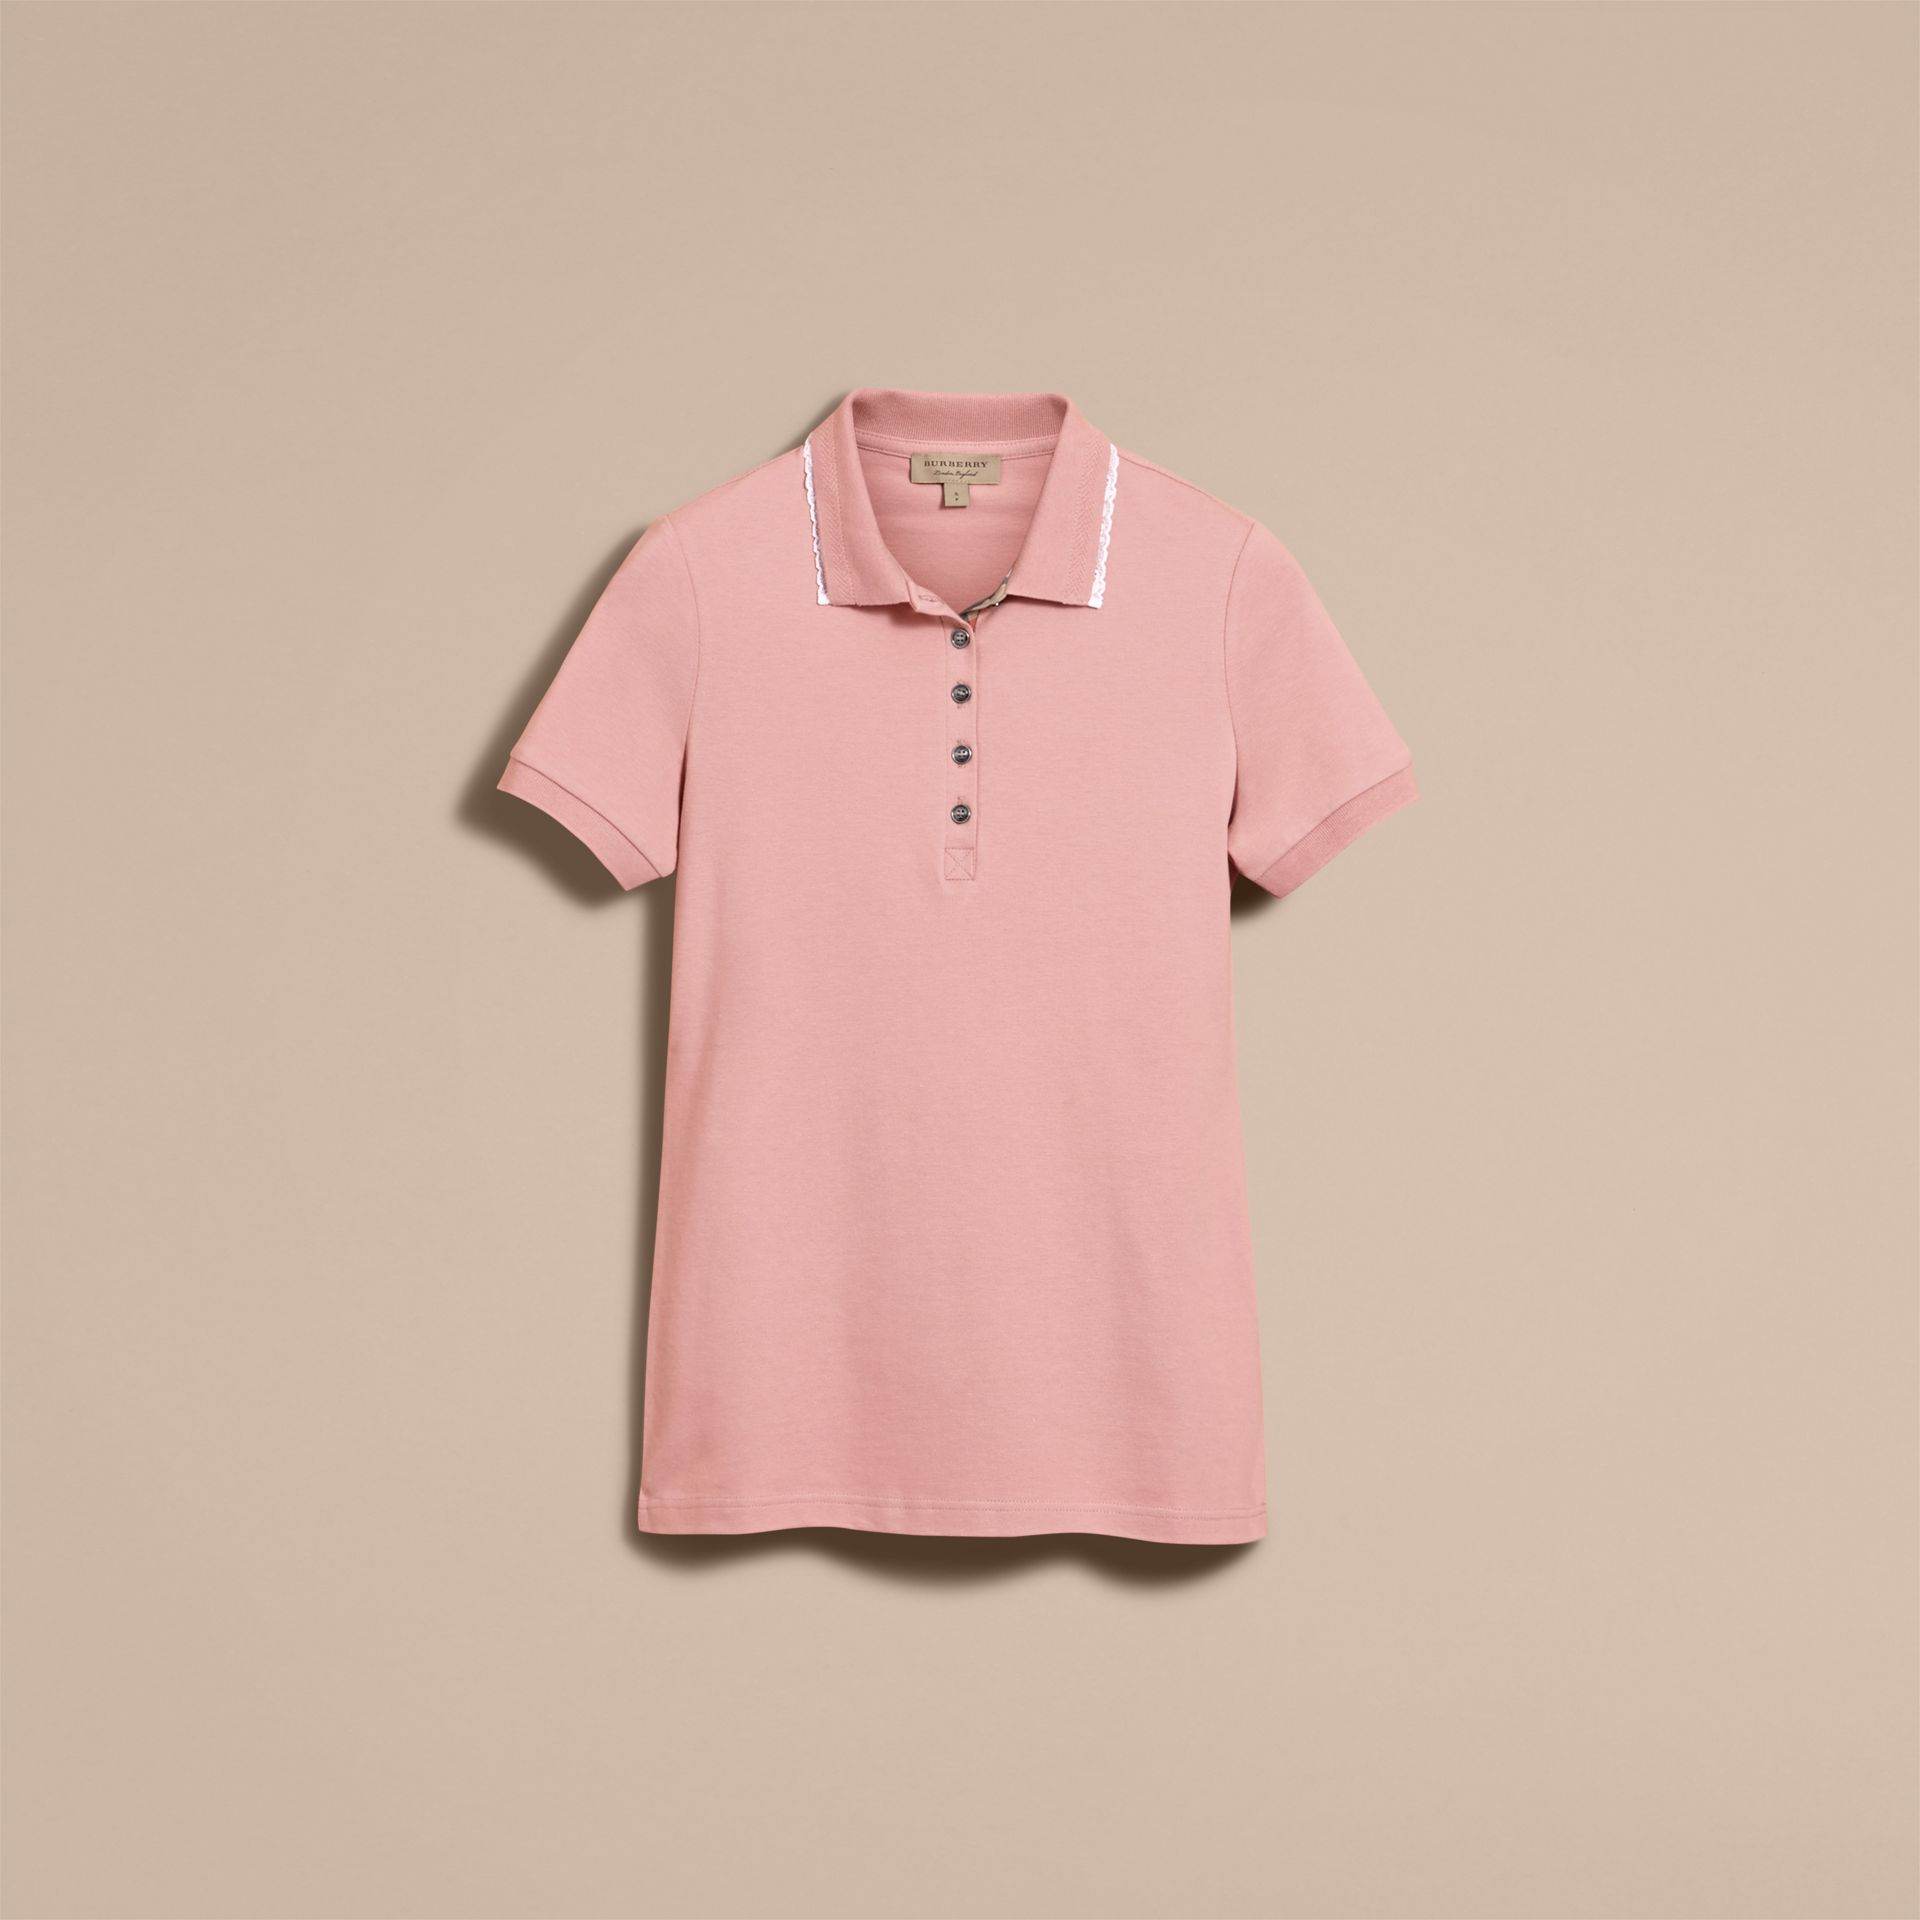 Poloshirt aus einer Baumwollmischung mit Spitzenbesatz und Karodetail (Nudefarben) - Damen | Burberry - Galerie-Bild 4